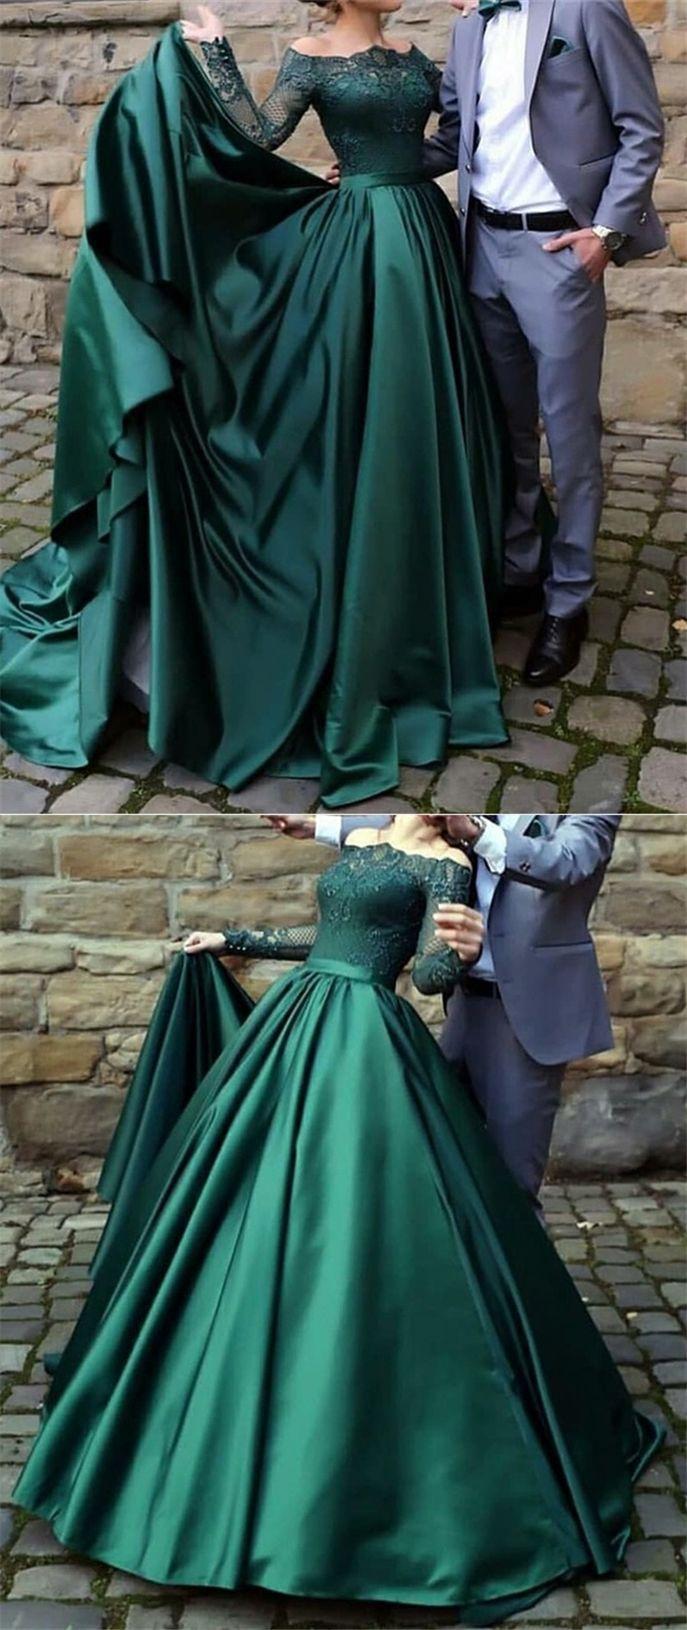 13 Spektakulär Dunkelgrünes Abendkleid Stylish10 Genial Dunkelgrünes Abendkleid Spezialgebiet